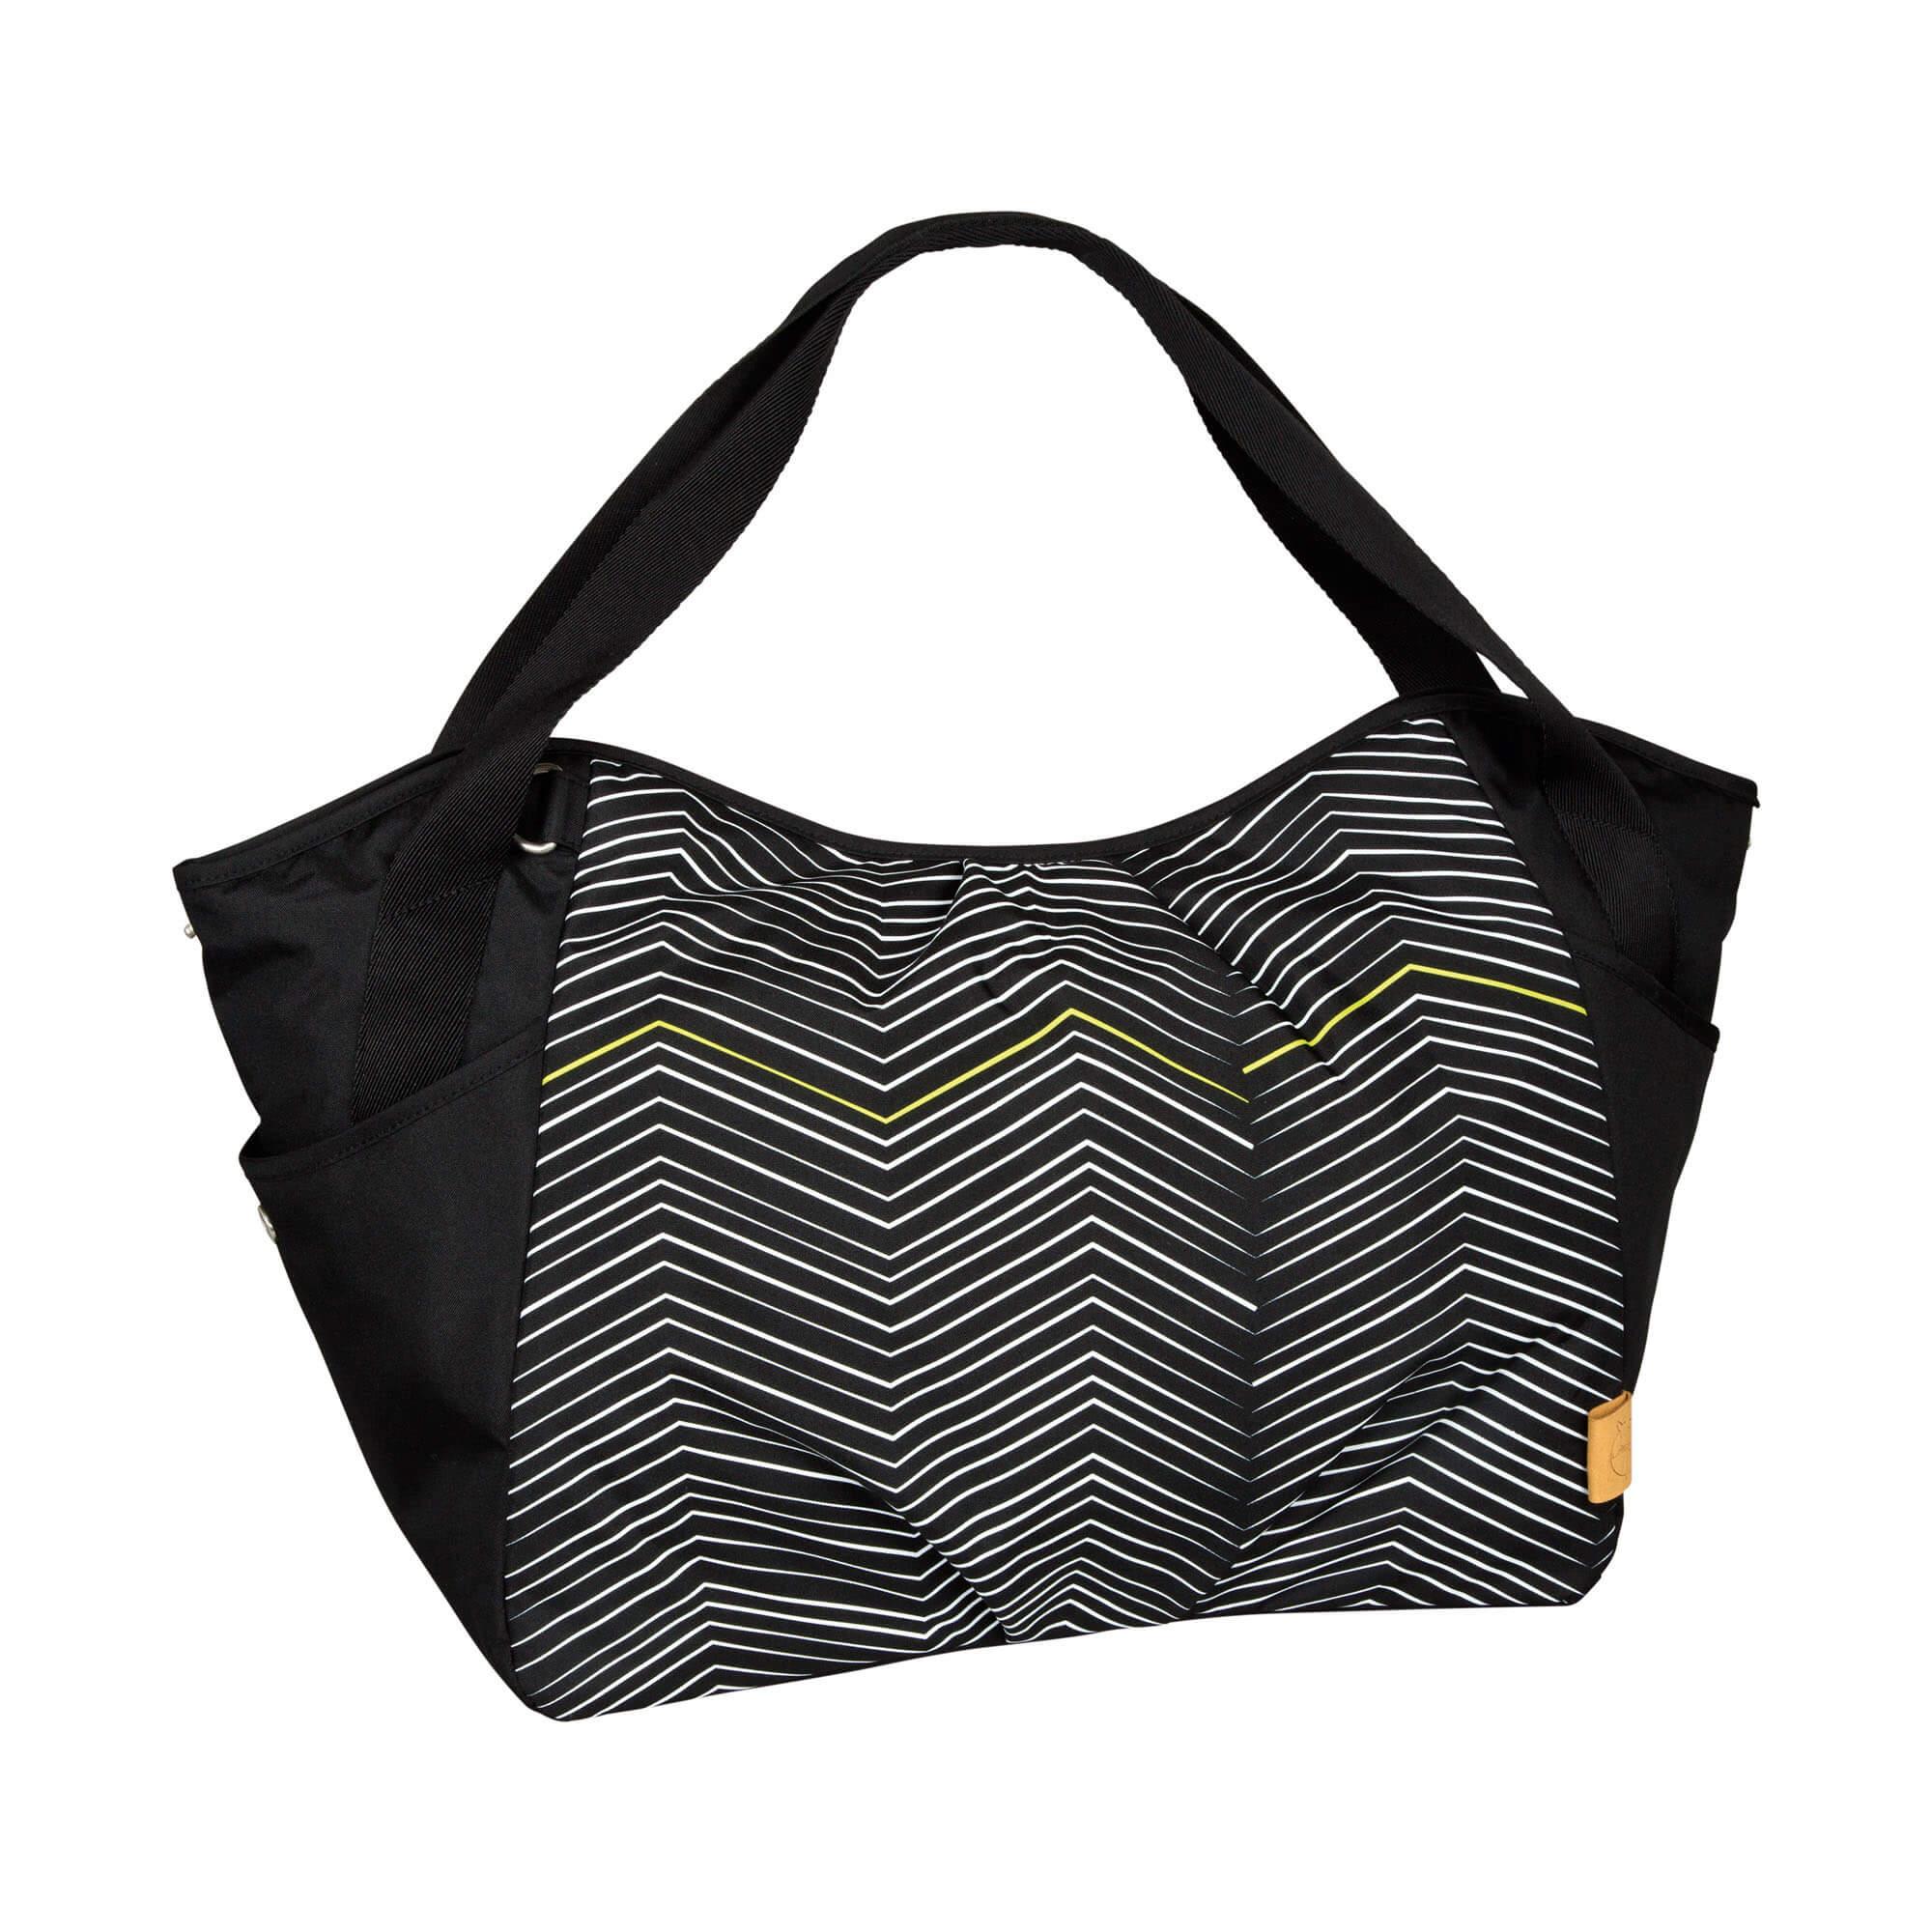 Lässig zwillingstasche twin bag zigzag black white